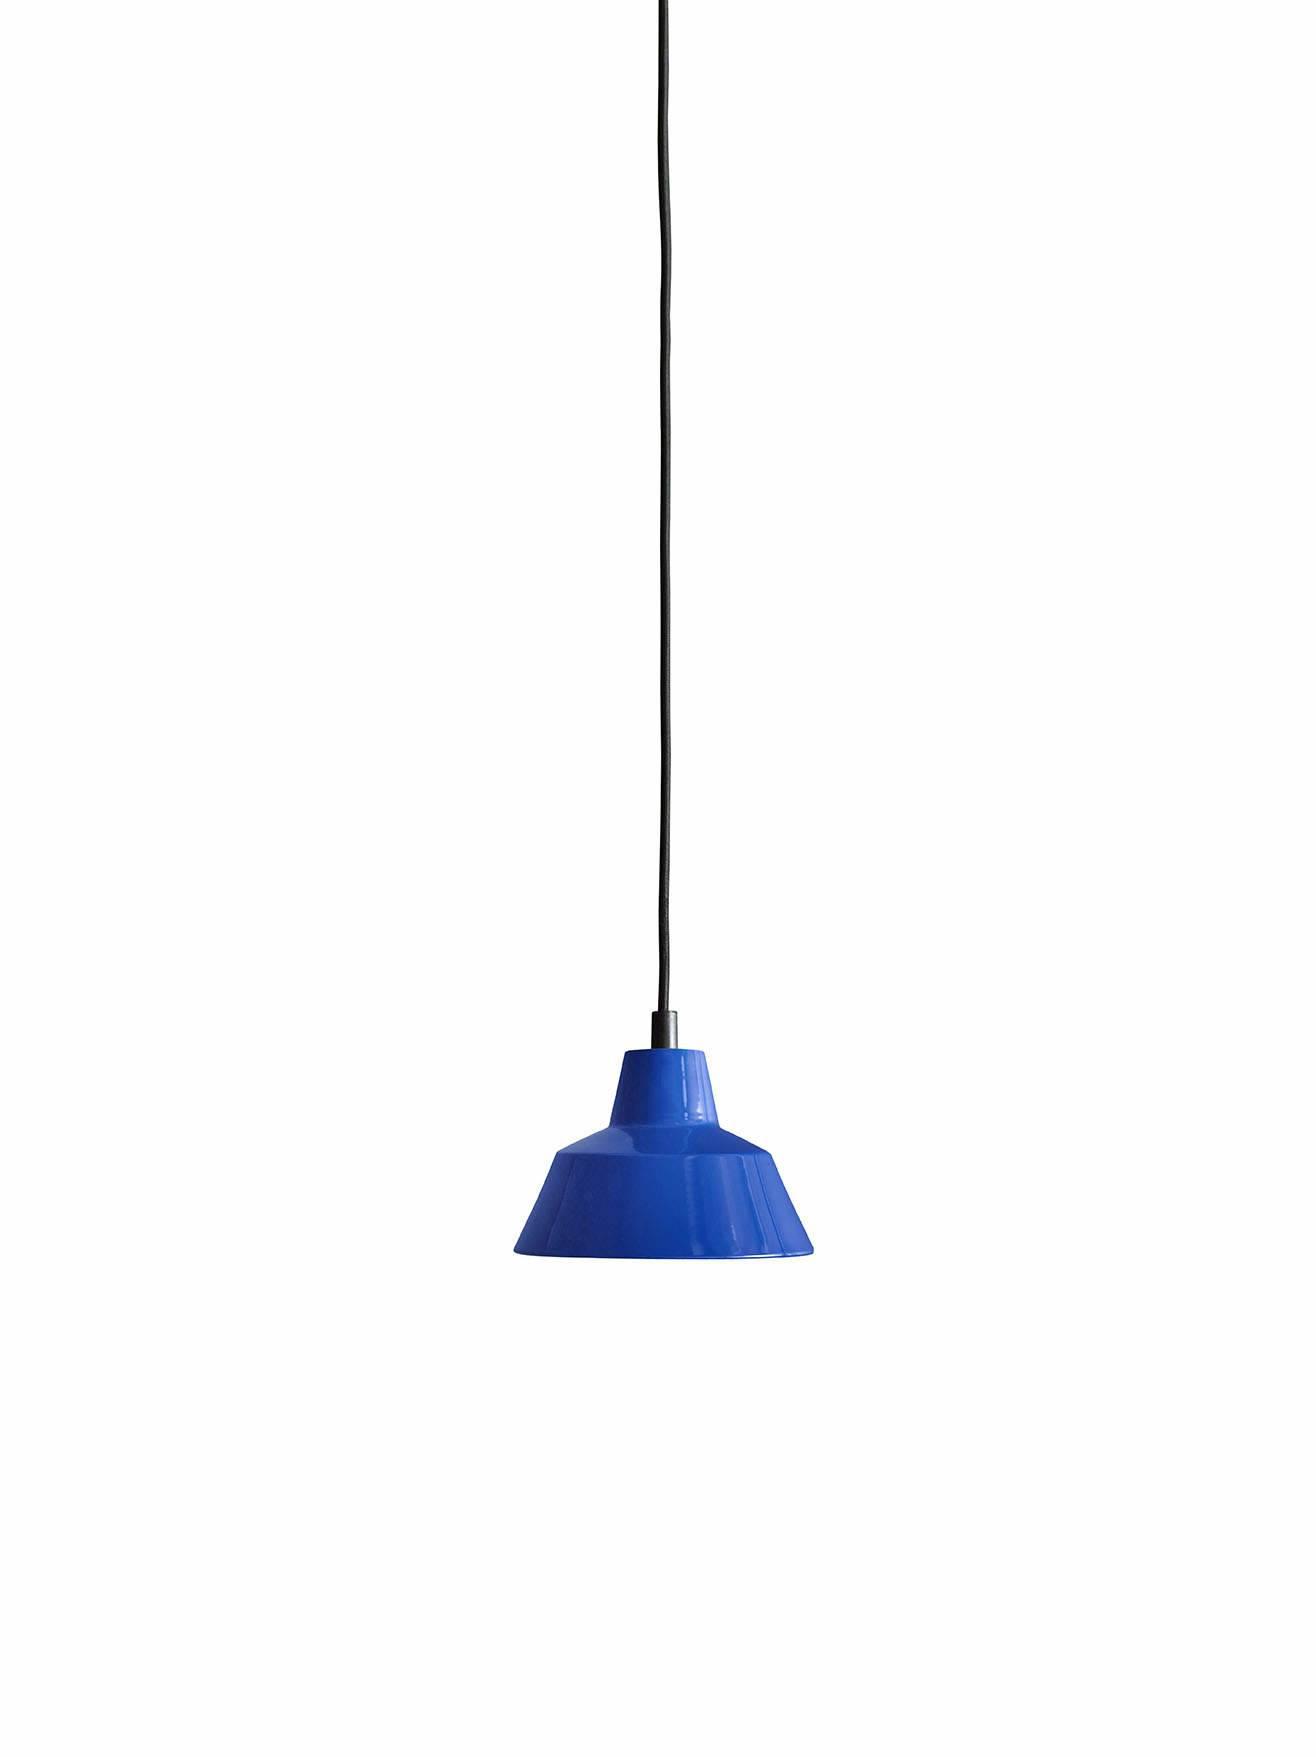 Et stykke dansk design historie fra Wedel Madsen. Med det solide og lidt industrielle look passer den særligt godt til en rå og minimalistisk indretning. Og så giver den godt lys! Flot blå farve.